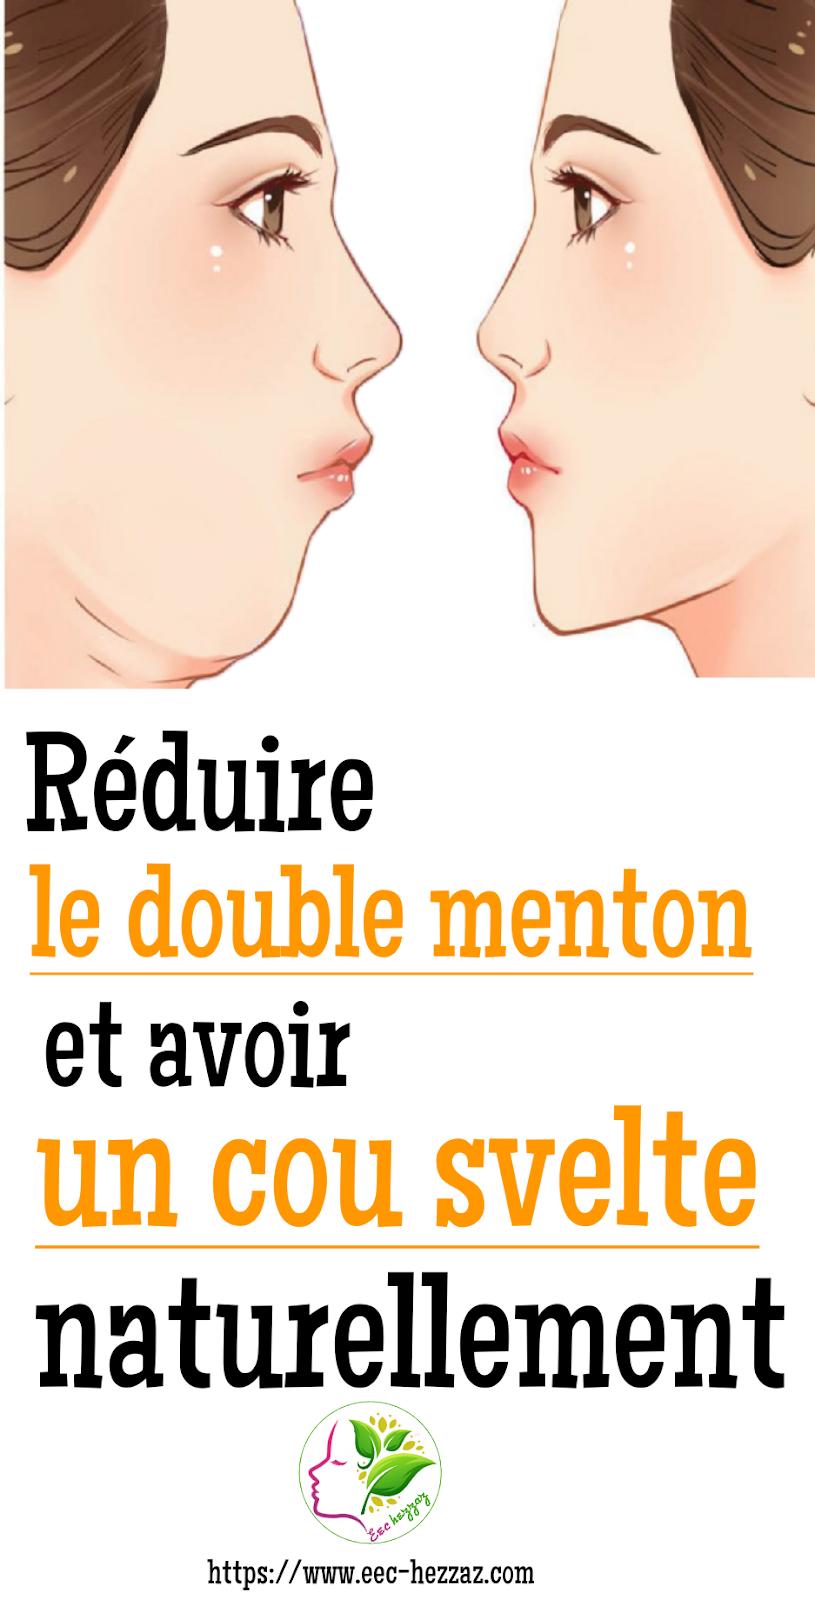 Réduire le double menton et avoir un cou svelte naturellement